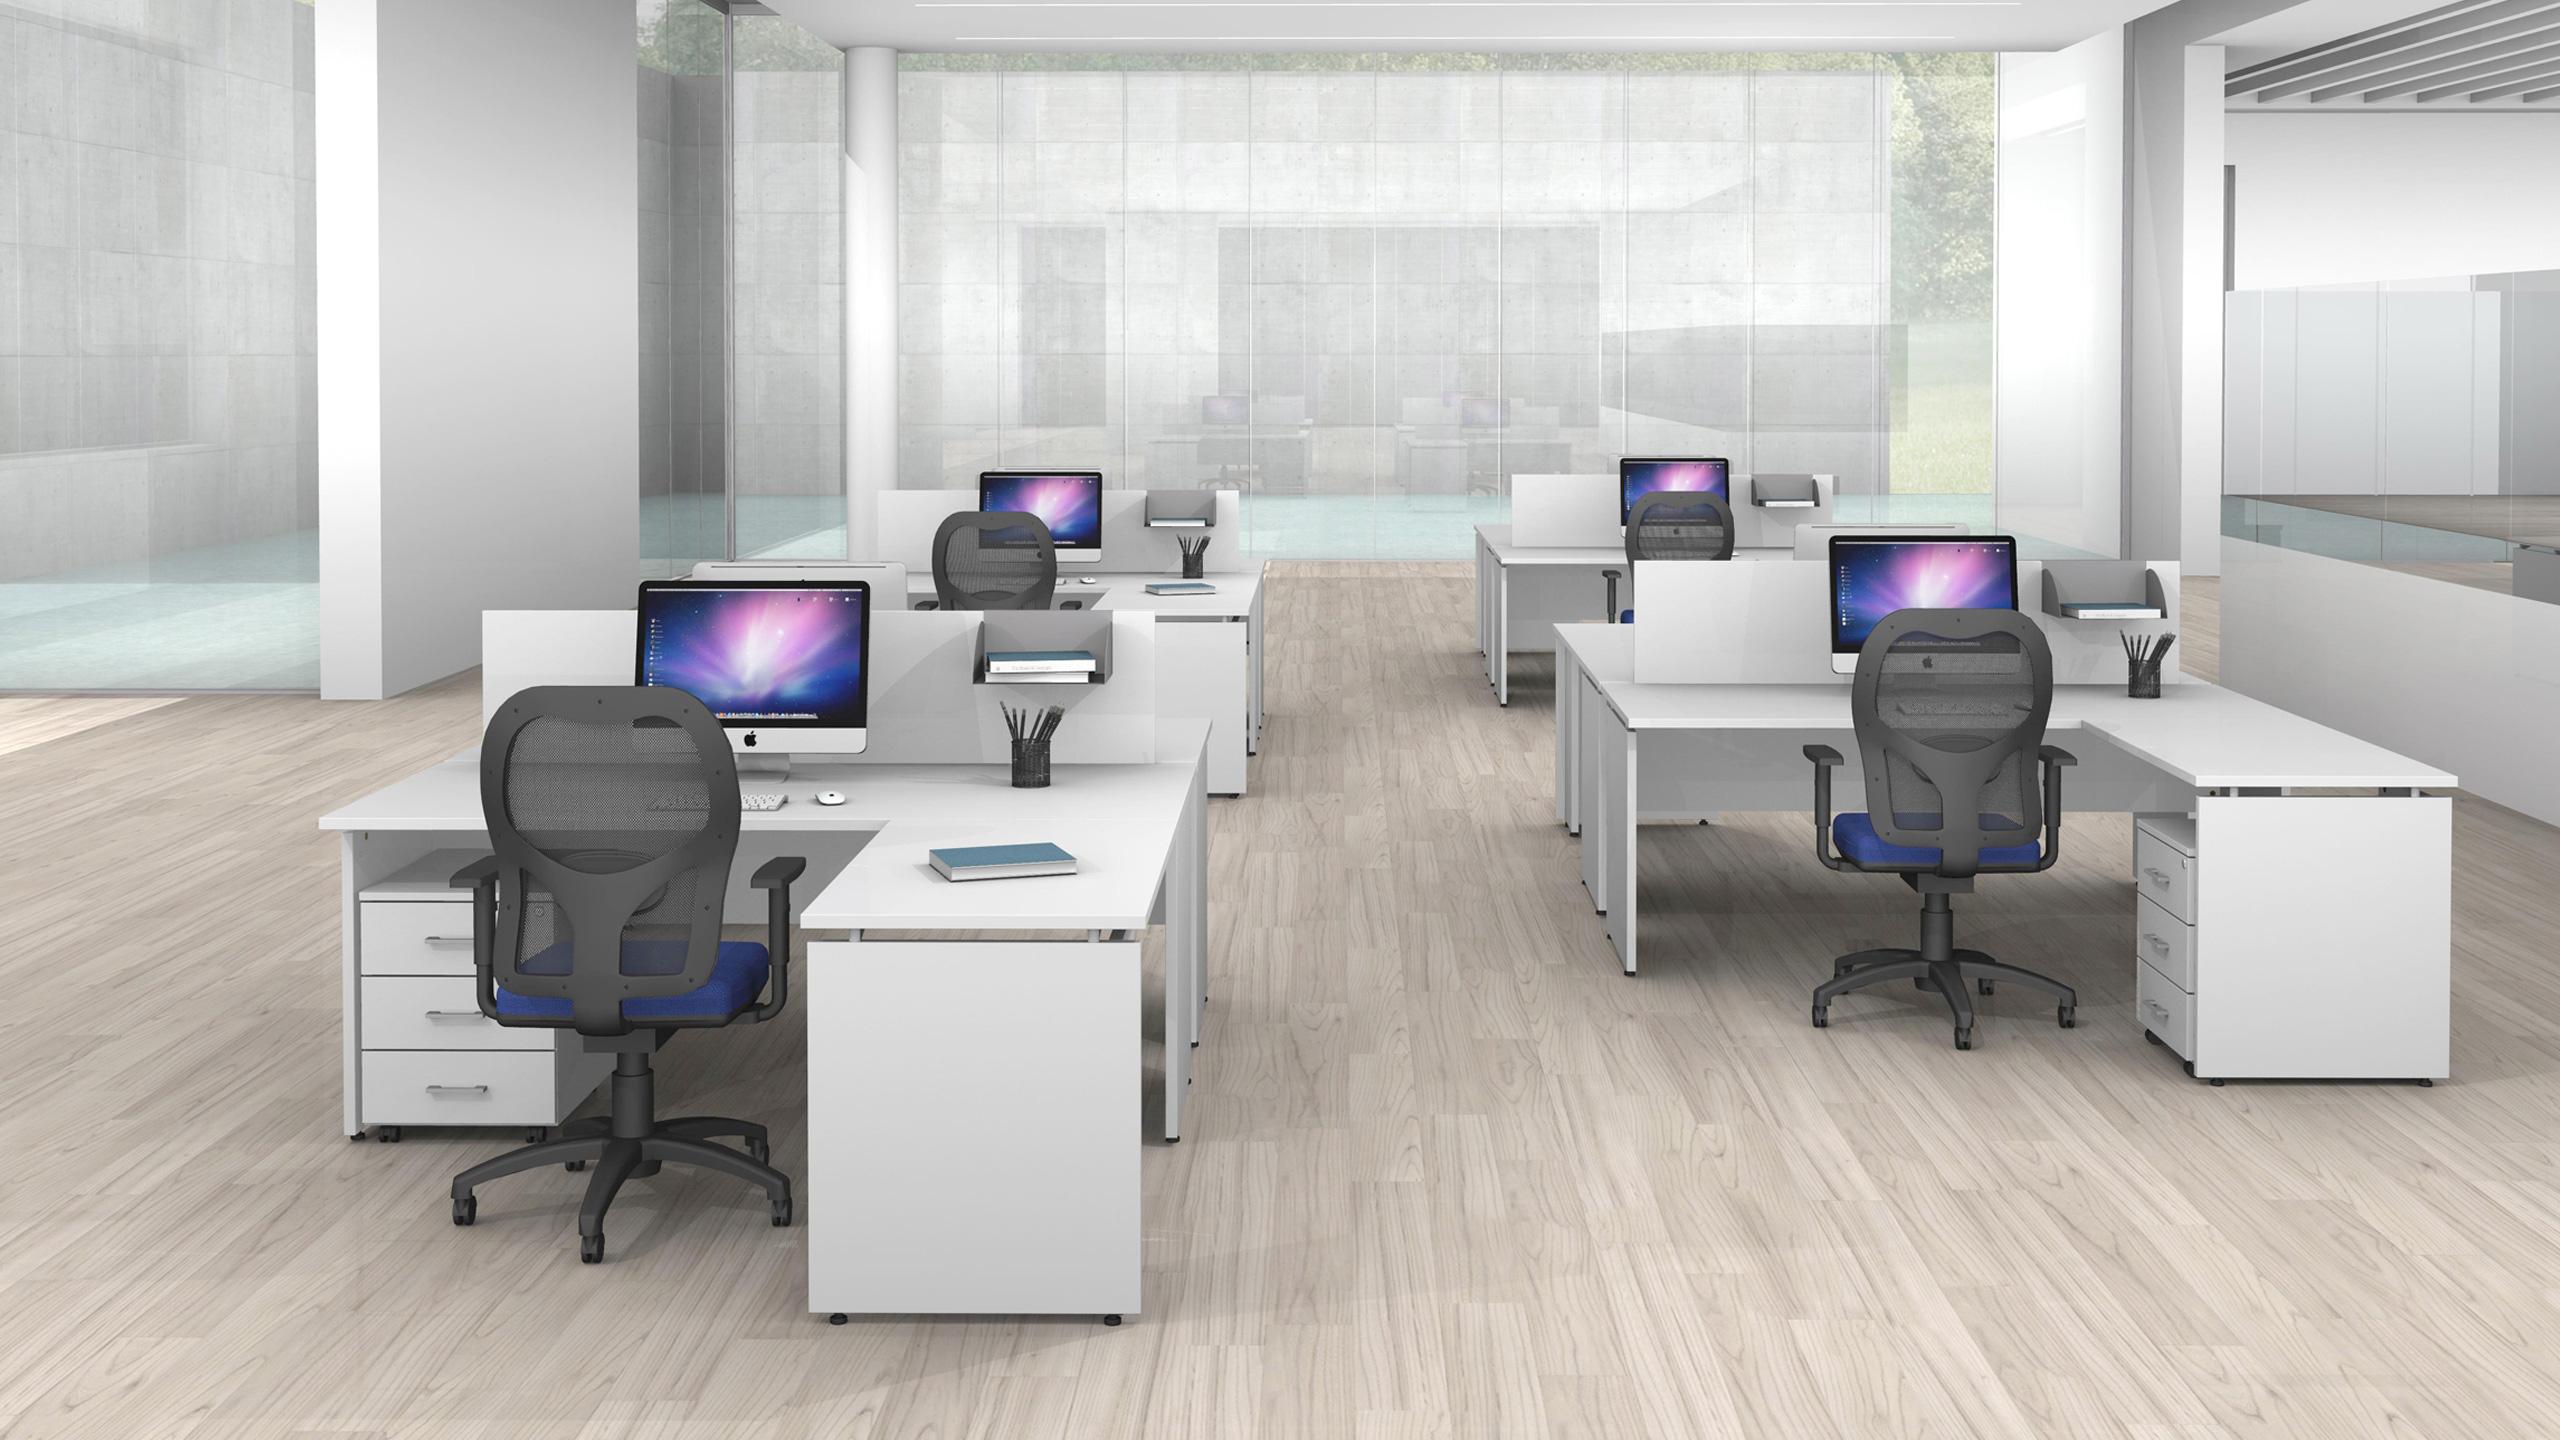 Ufficio Moderno Viterbo : Arredamento per ufficio viterbo fumu